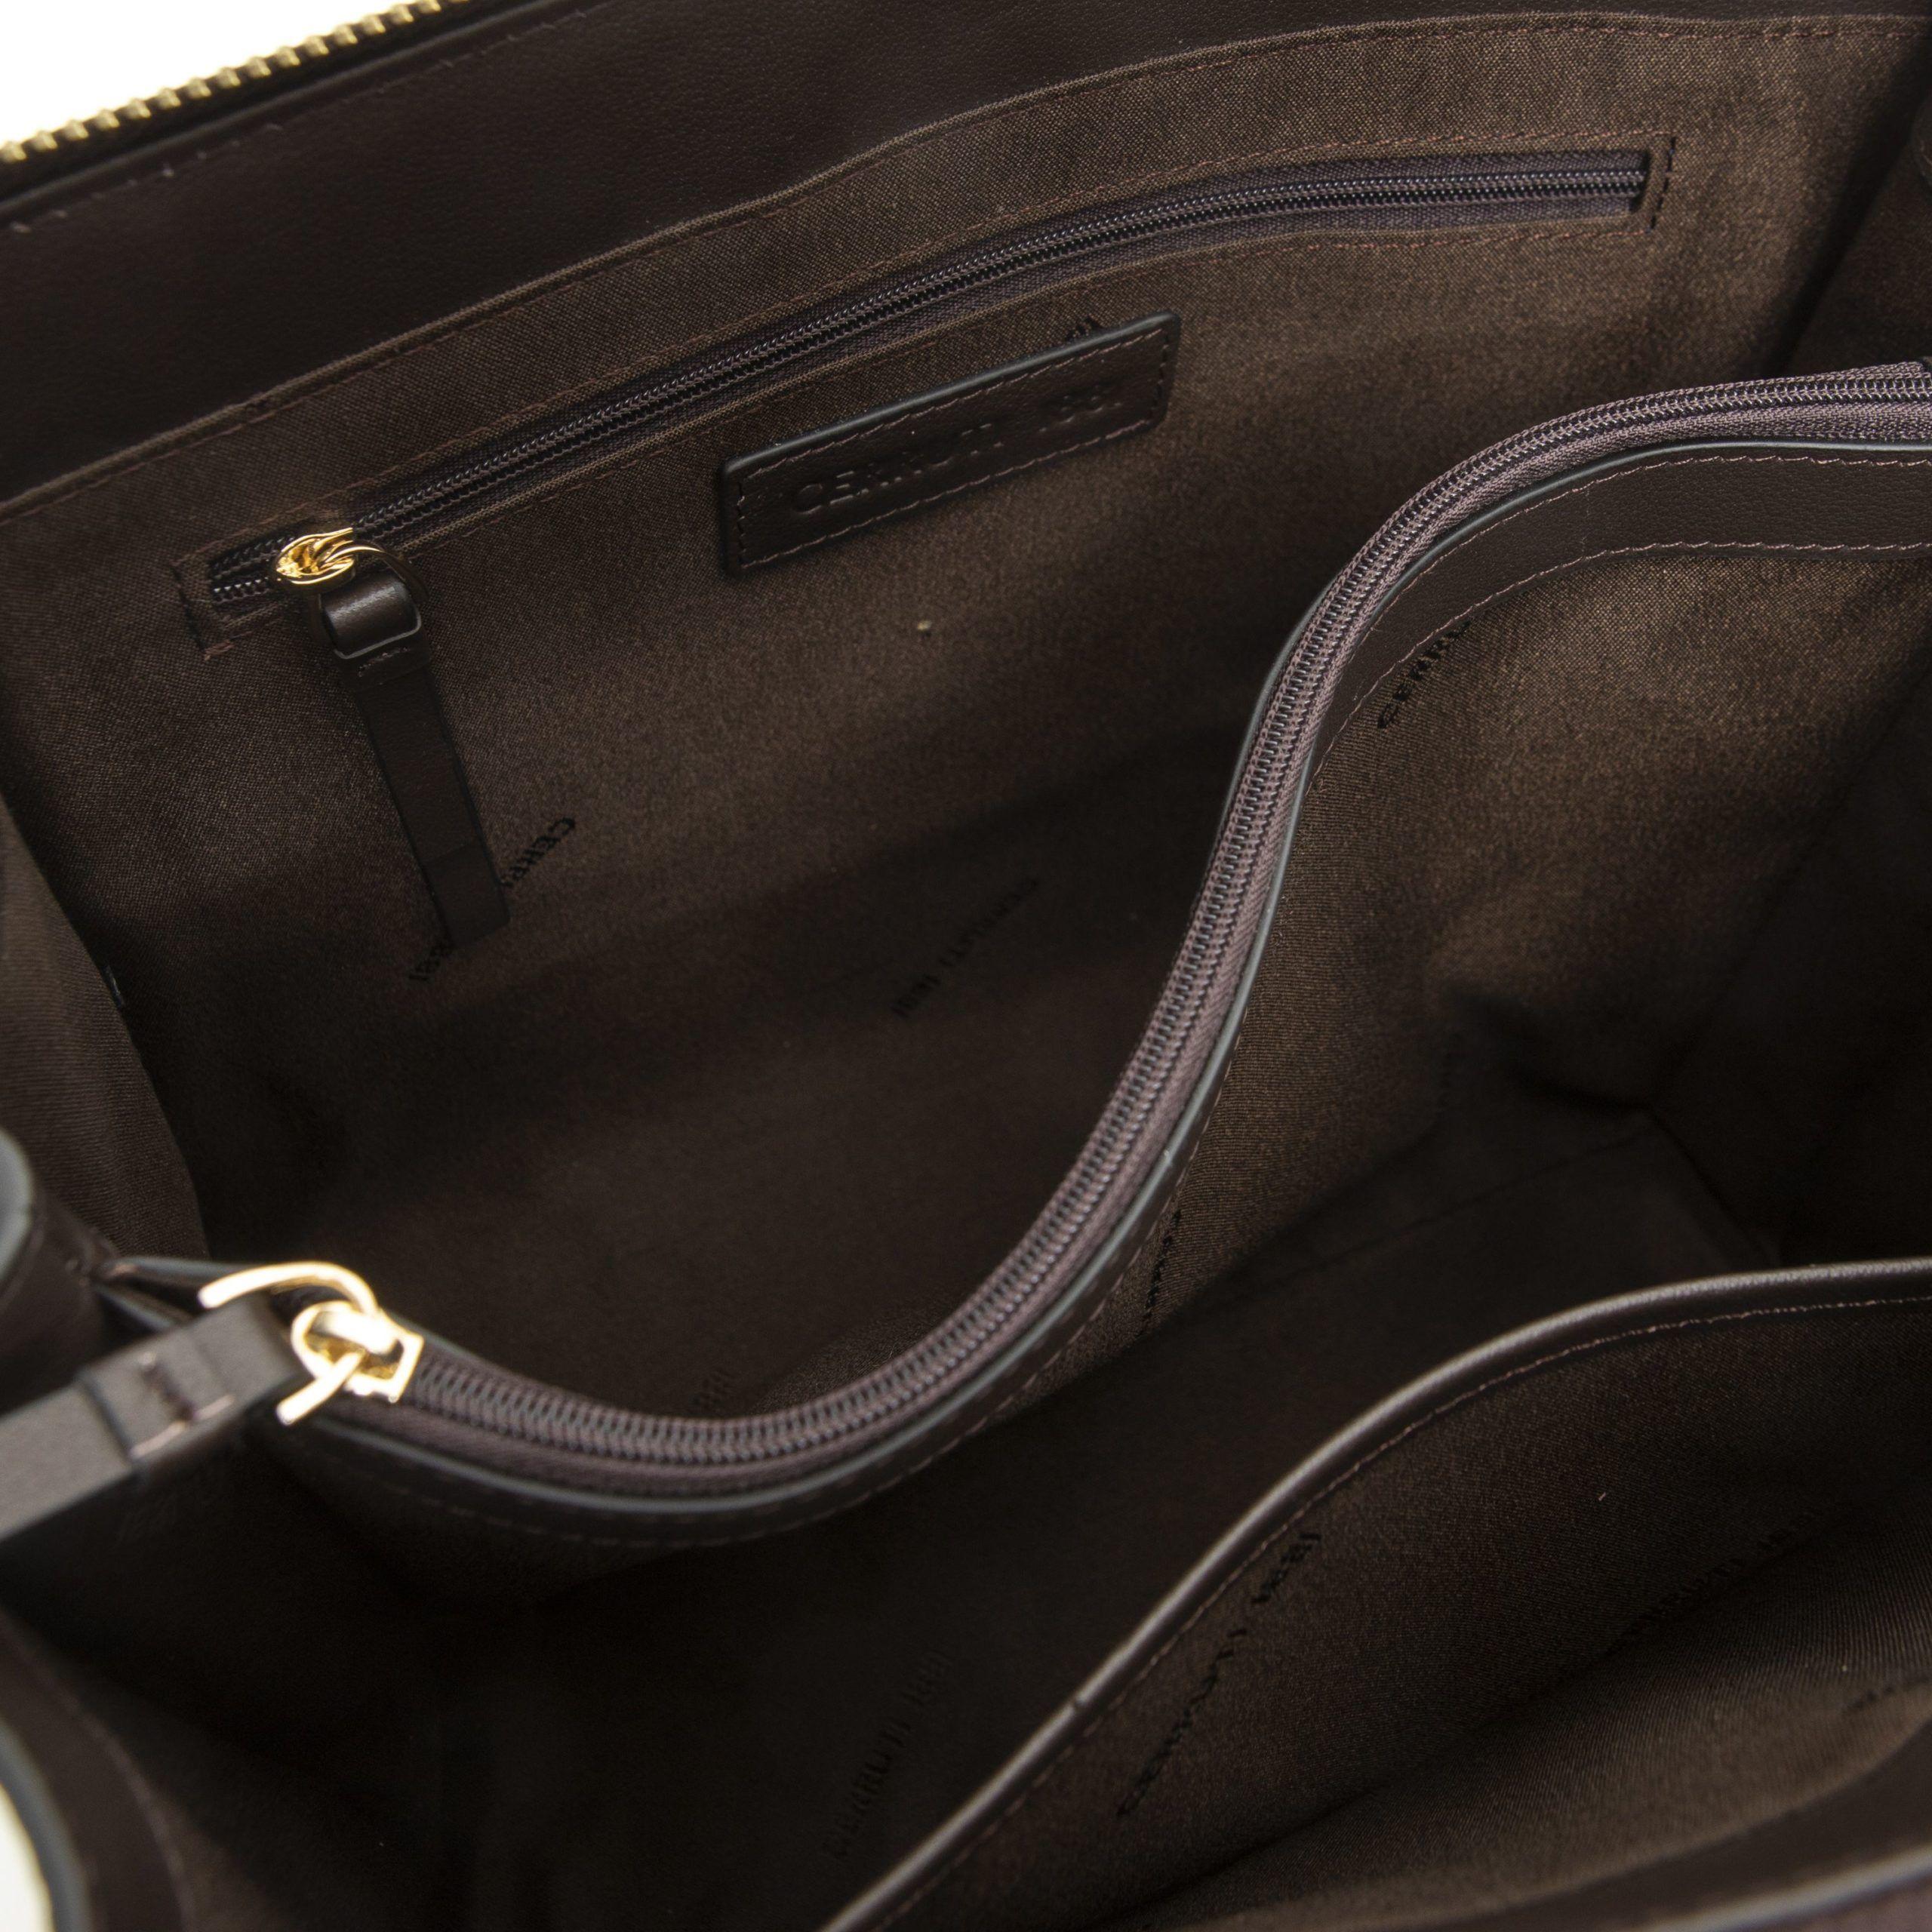 Cerruti 1881 Tan Handtasche